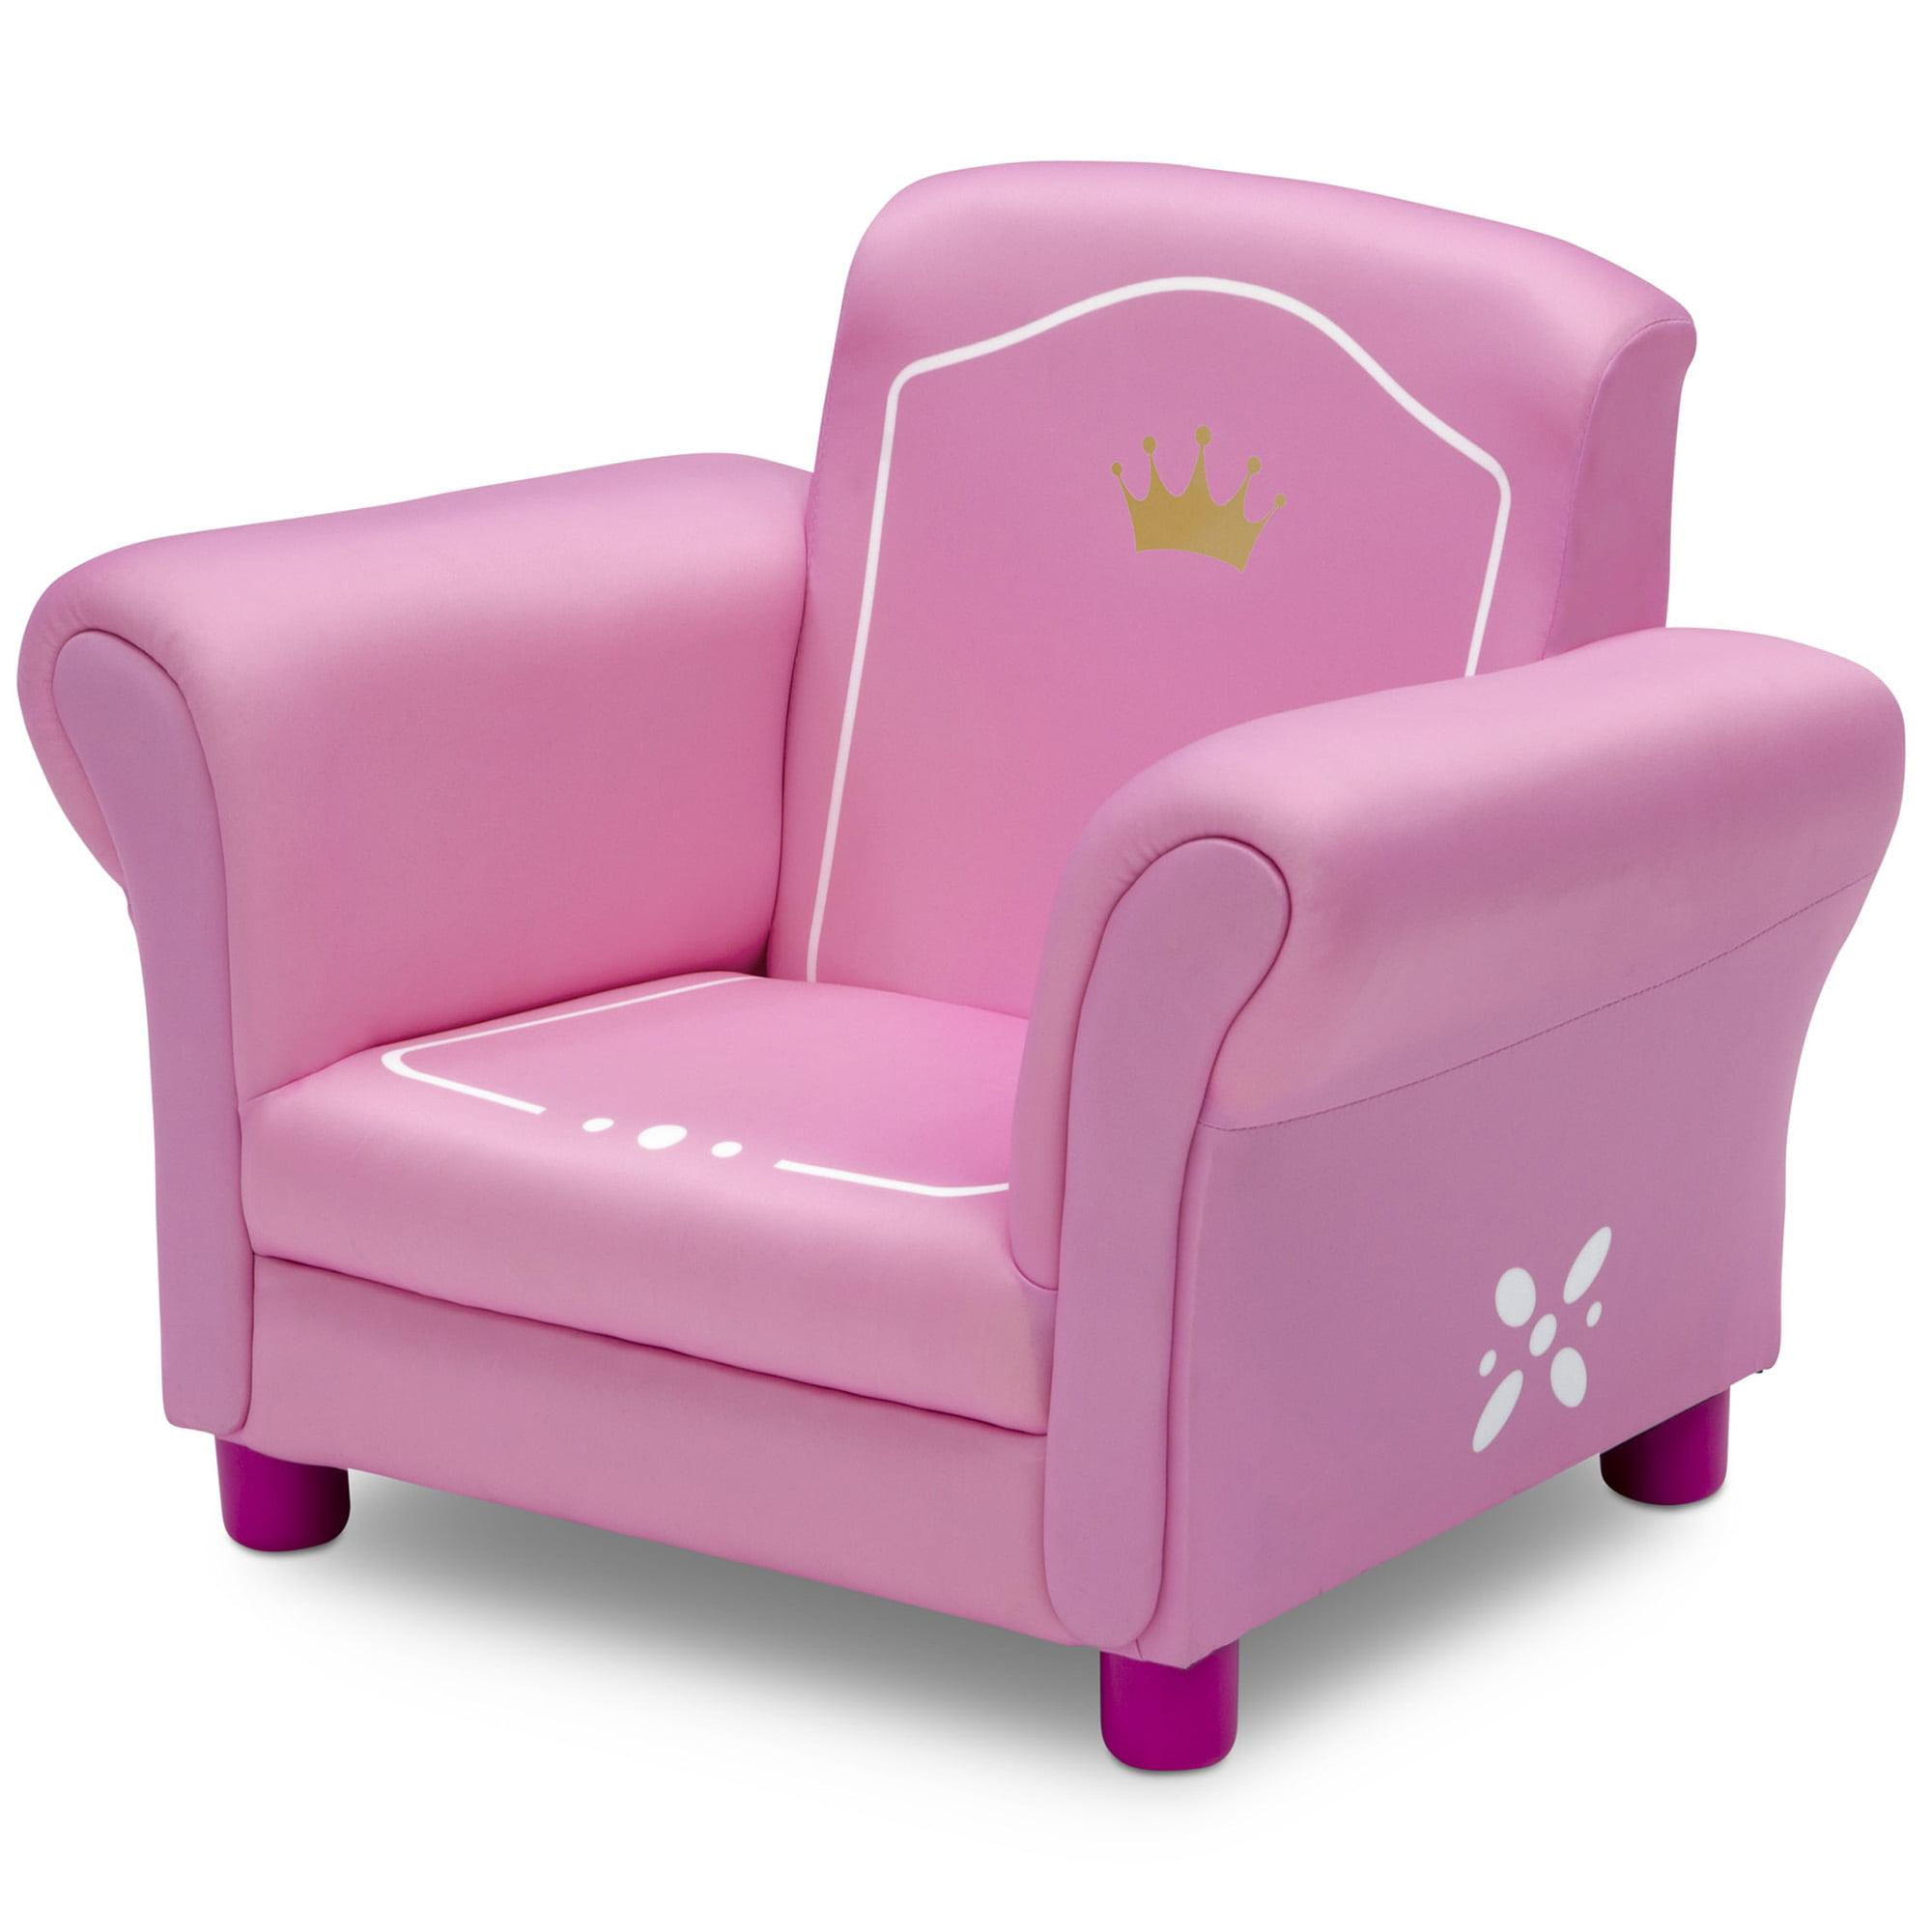 Tremendous Delta Children Princess Crown Kids Upholstered Chair White Pink Uwap Interior Chair Design Uwaporg